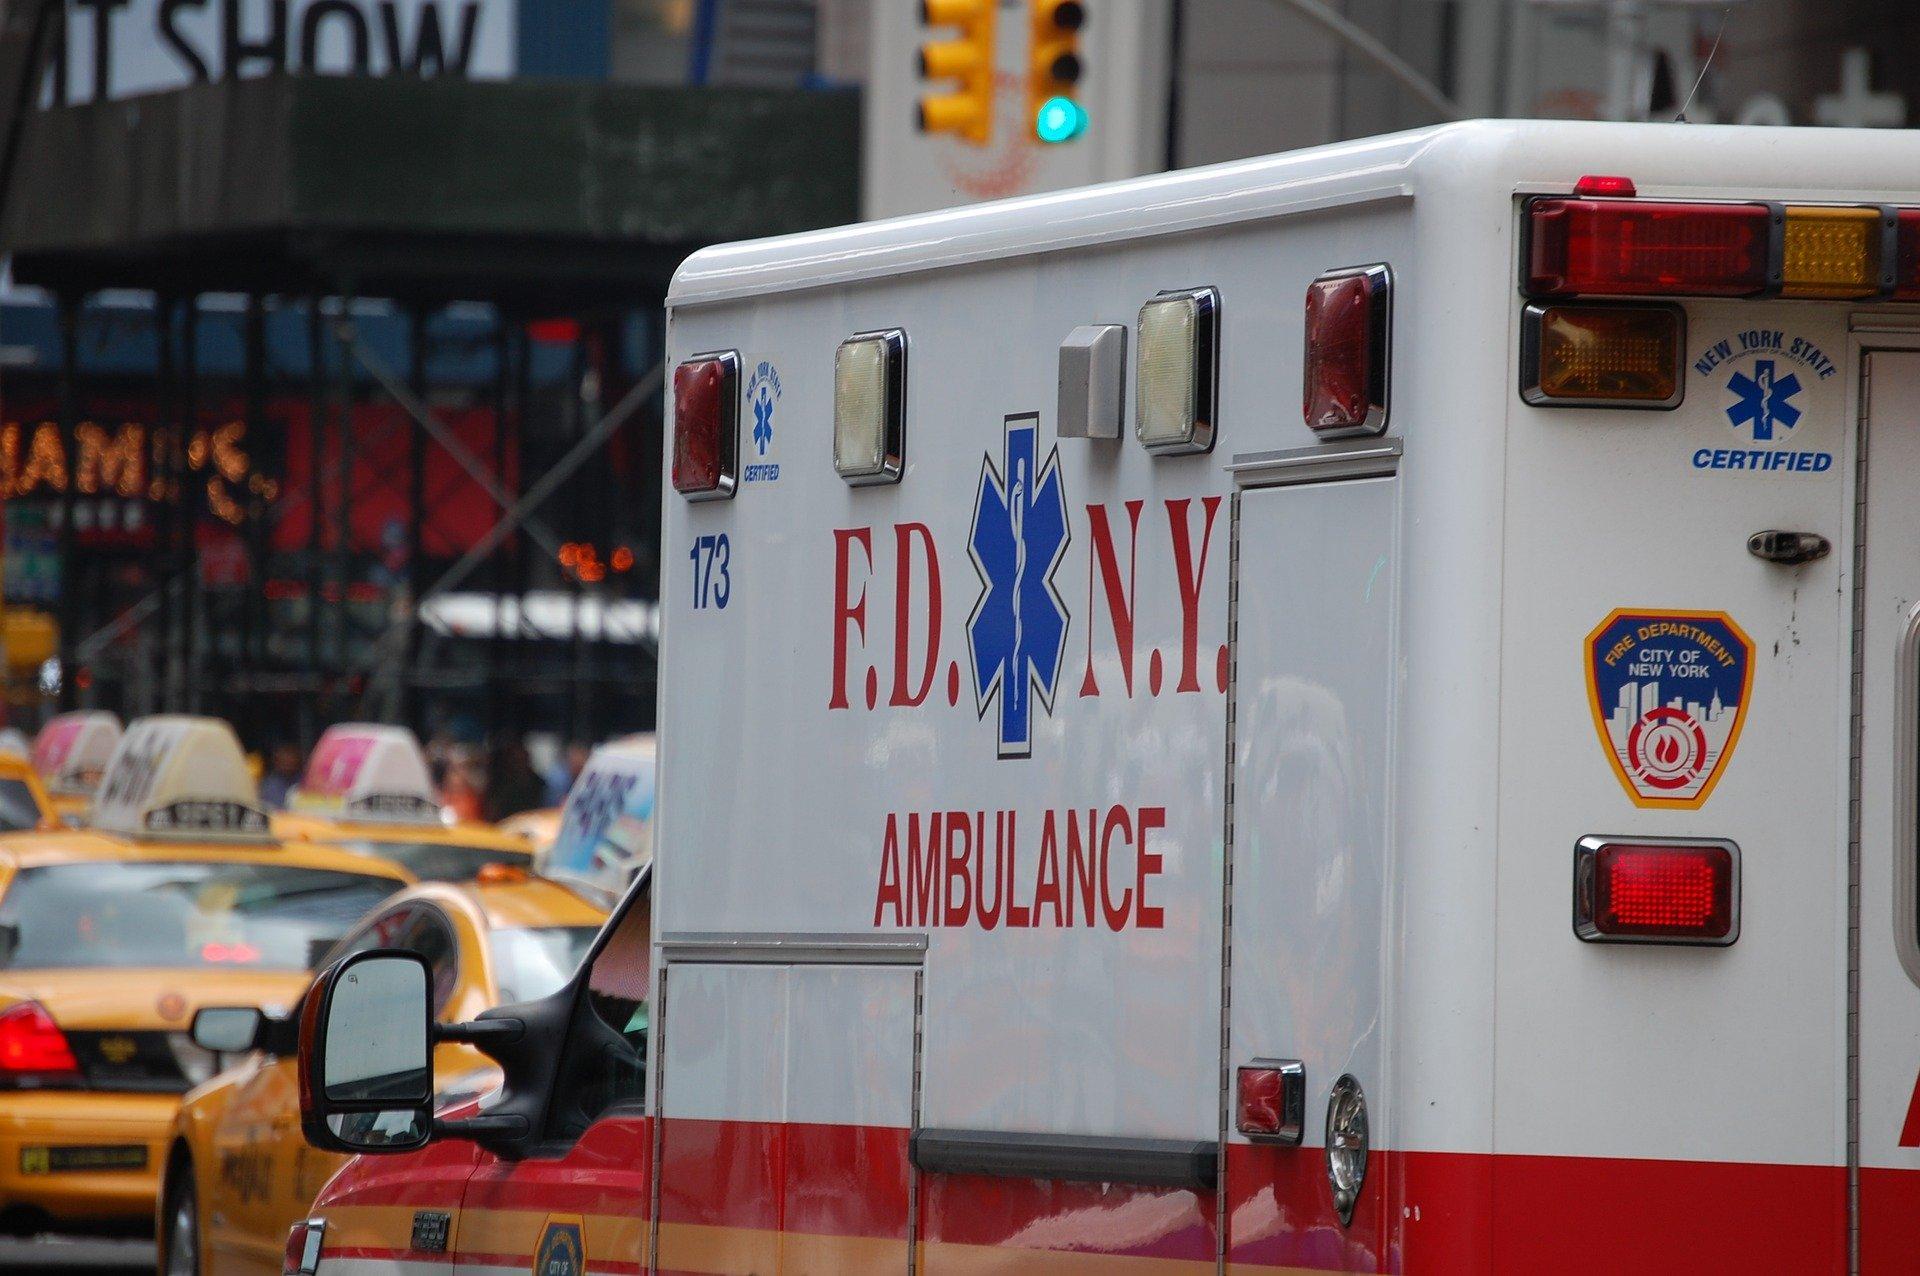 Кончились халаты. Больница в Бруклине будет снабжать медиков дождевиками и пакетами